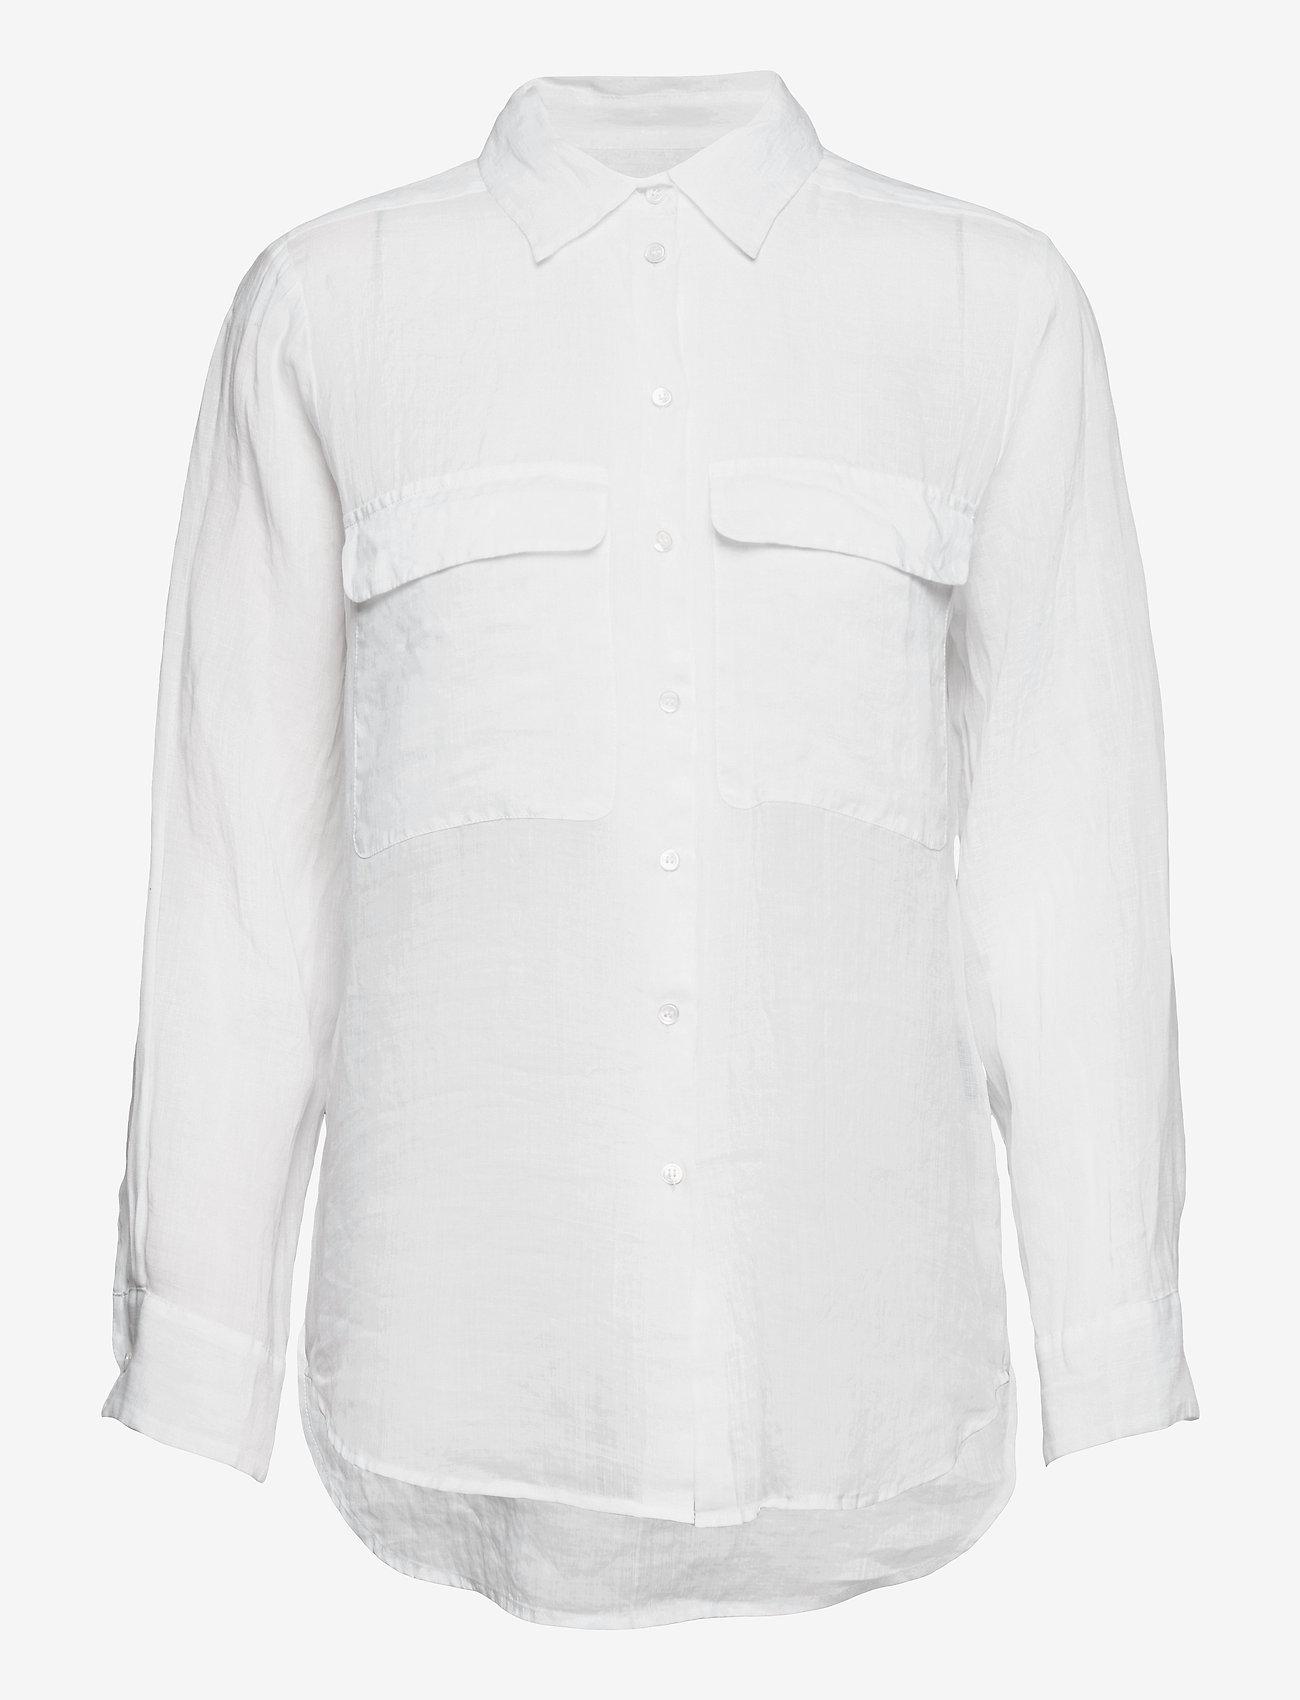 SAND - 8851 - Nami - overhemden met lange mouwen - optical white - 0